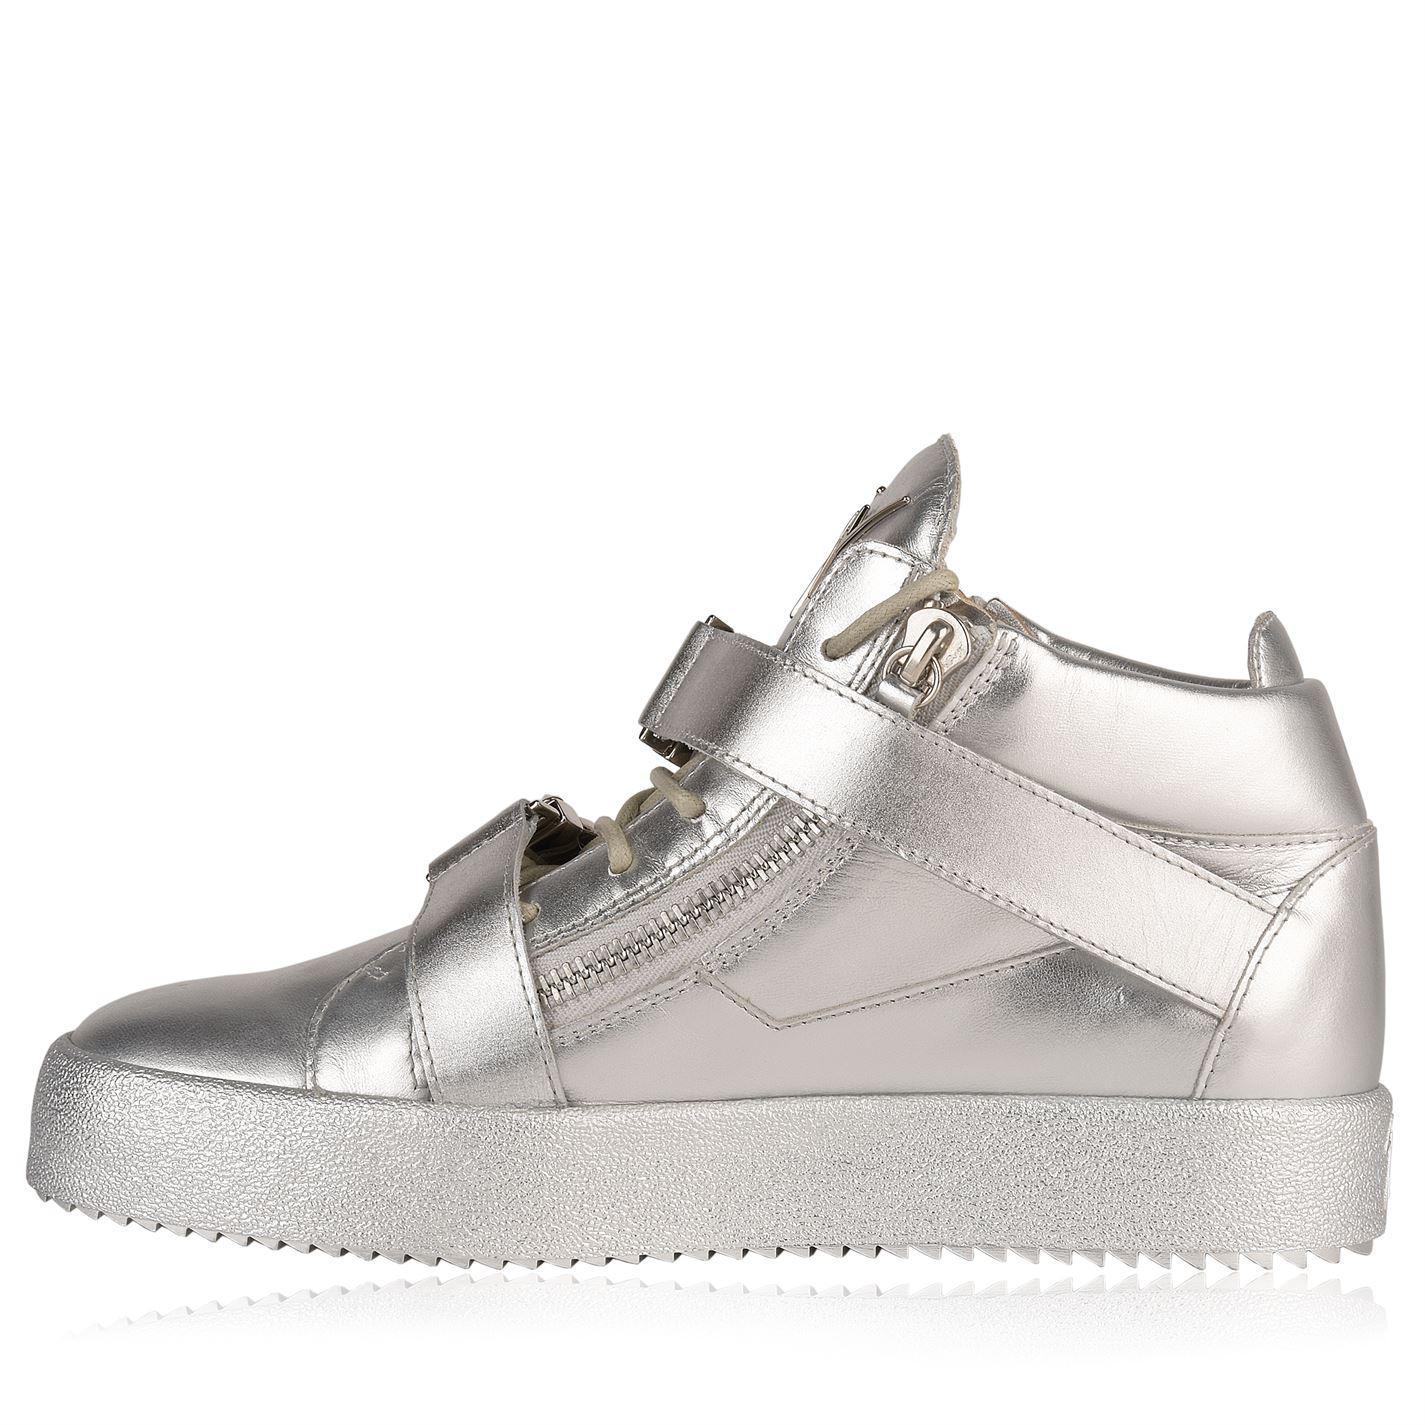 0dcbd88979827 Giuseppe Zanotti Tribute High Sneakers in Metallic for Men - Lyst